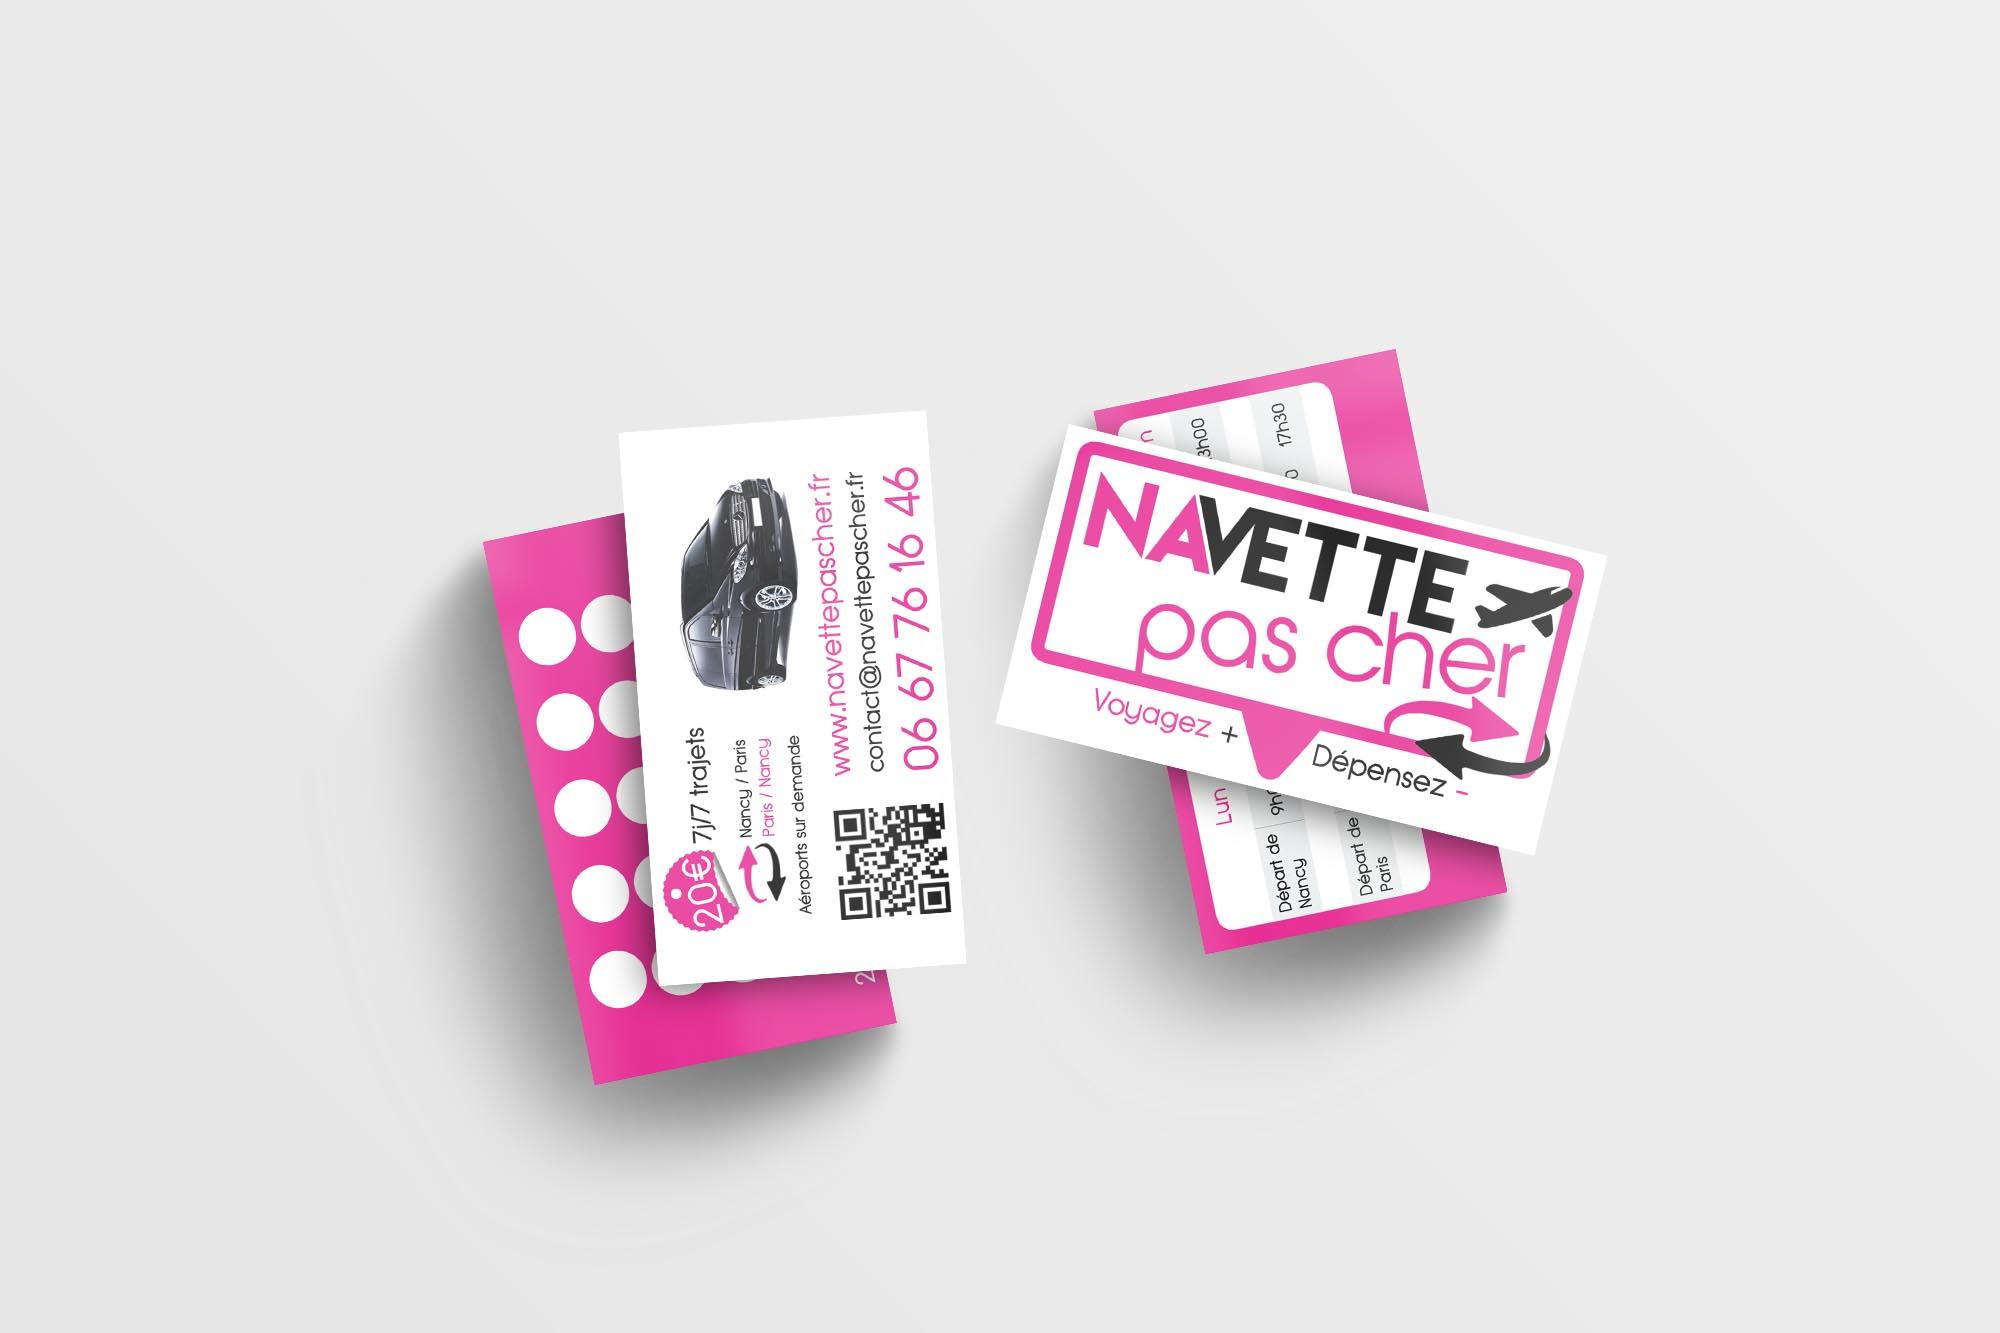 Navette Pas Cher